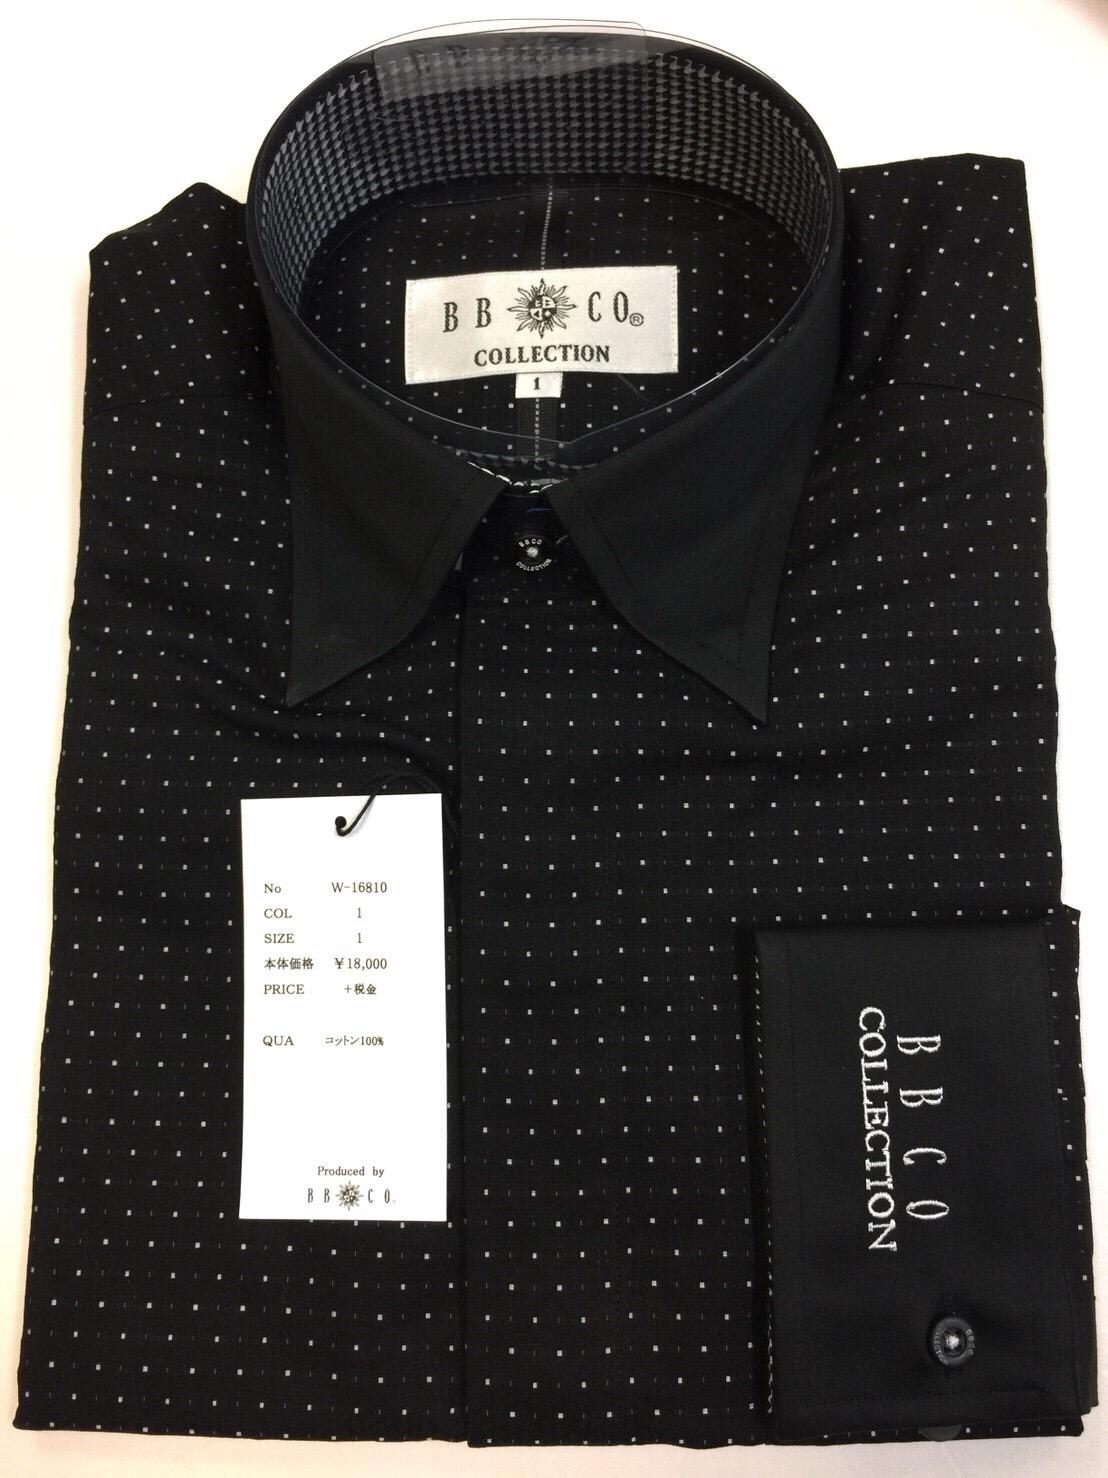 BBCO(ビビコ) シャツ W-16810 カラー1